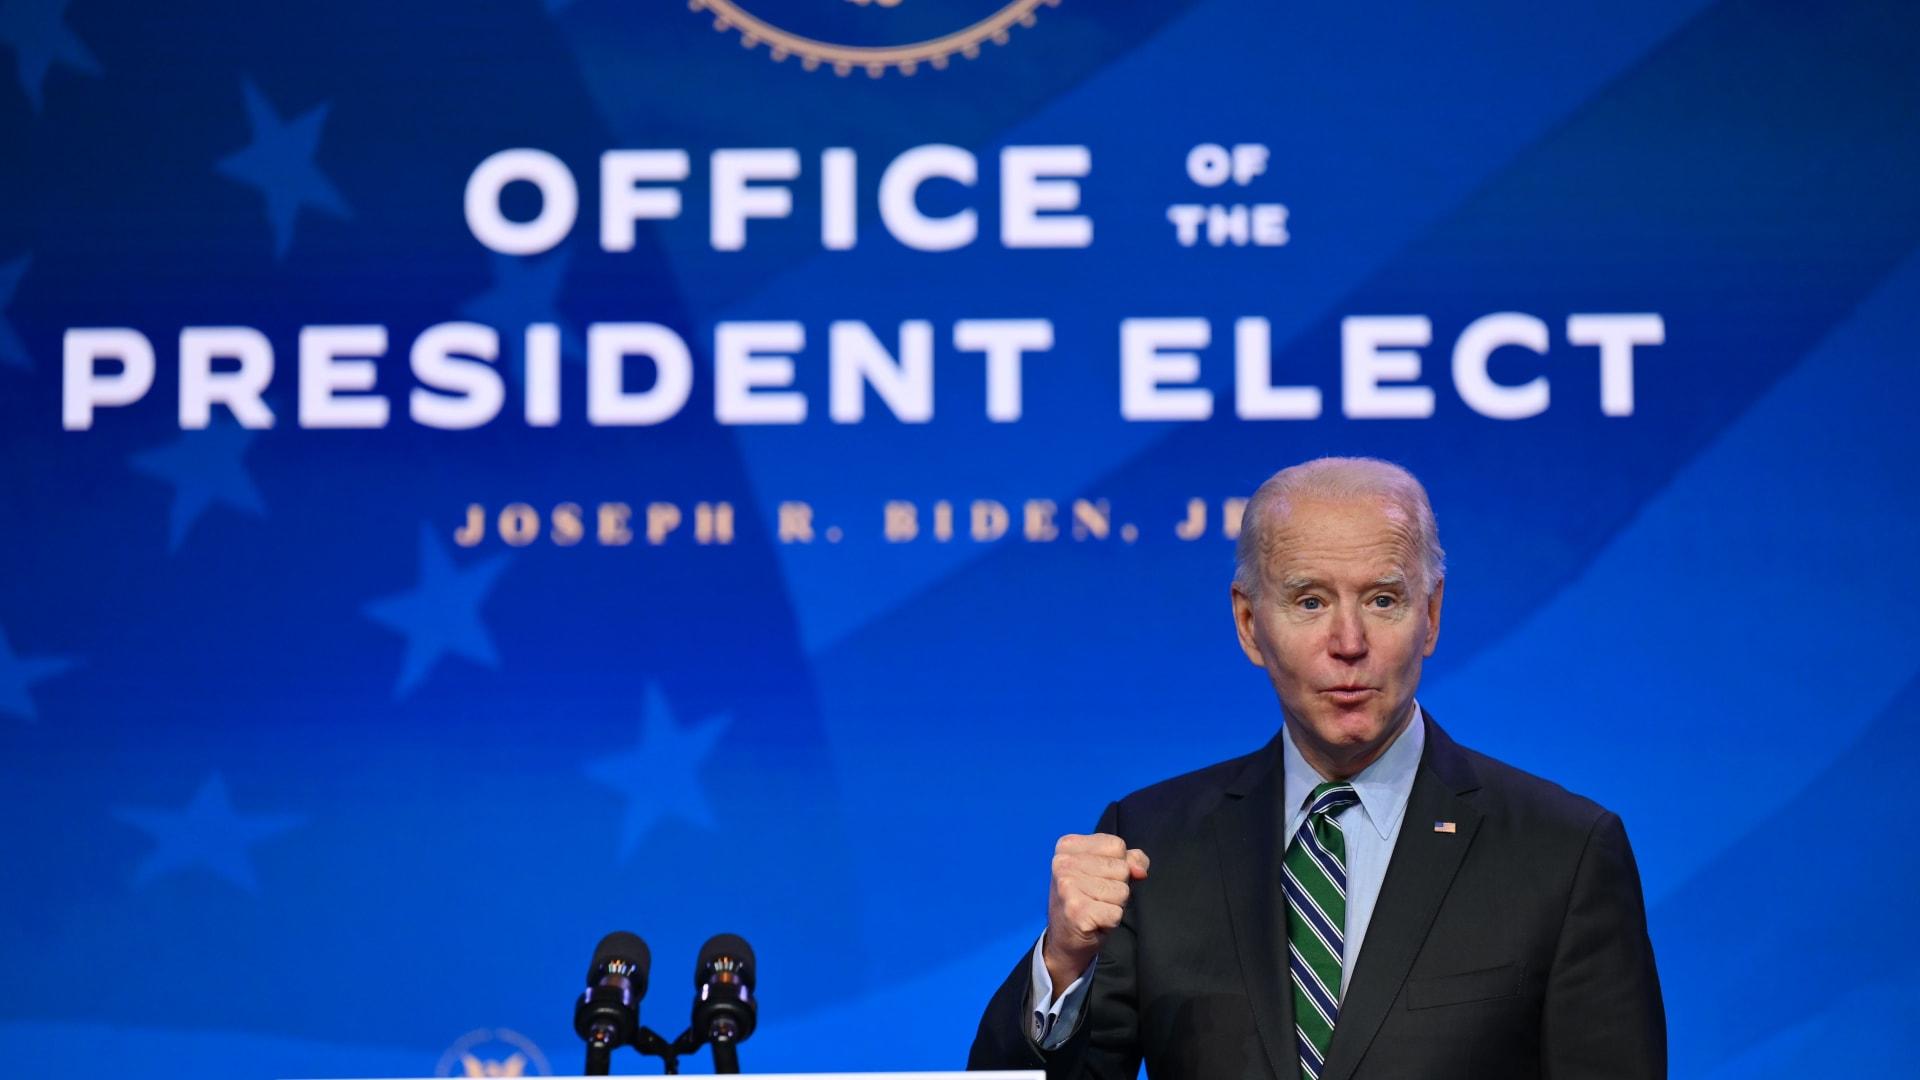 بايدن يخطط لأوامر تنفيذية في أولى أيام توليه الرئاسة تشمل إلغاء حظر المسلمين